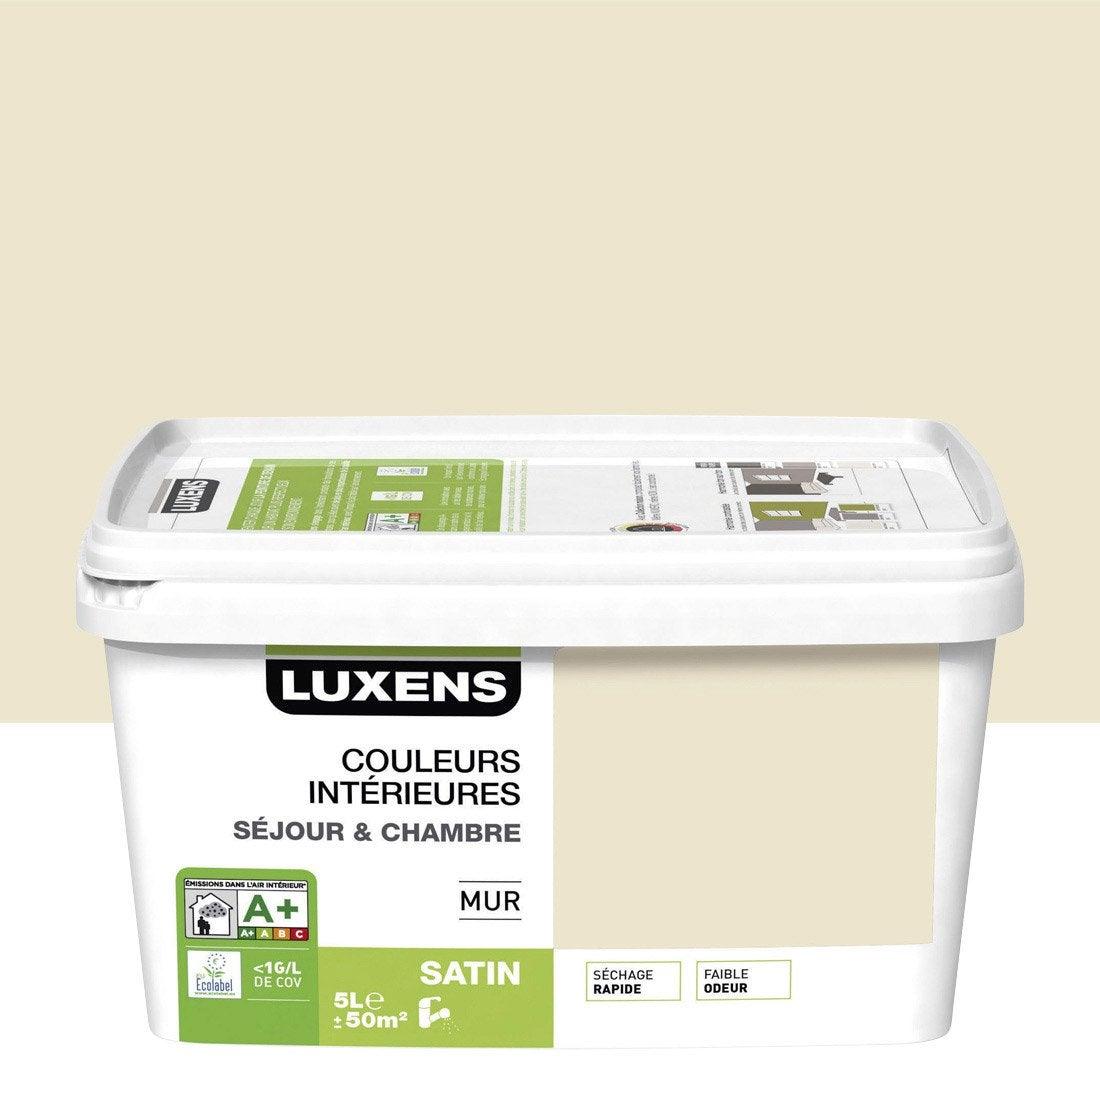 peinture blanc ivoire 6 luxens couleurs intrieures 5 l - Salon Blanc Ivoire